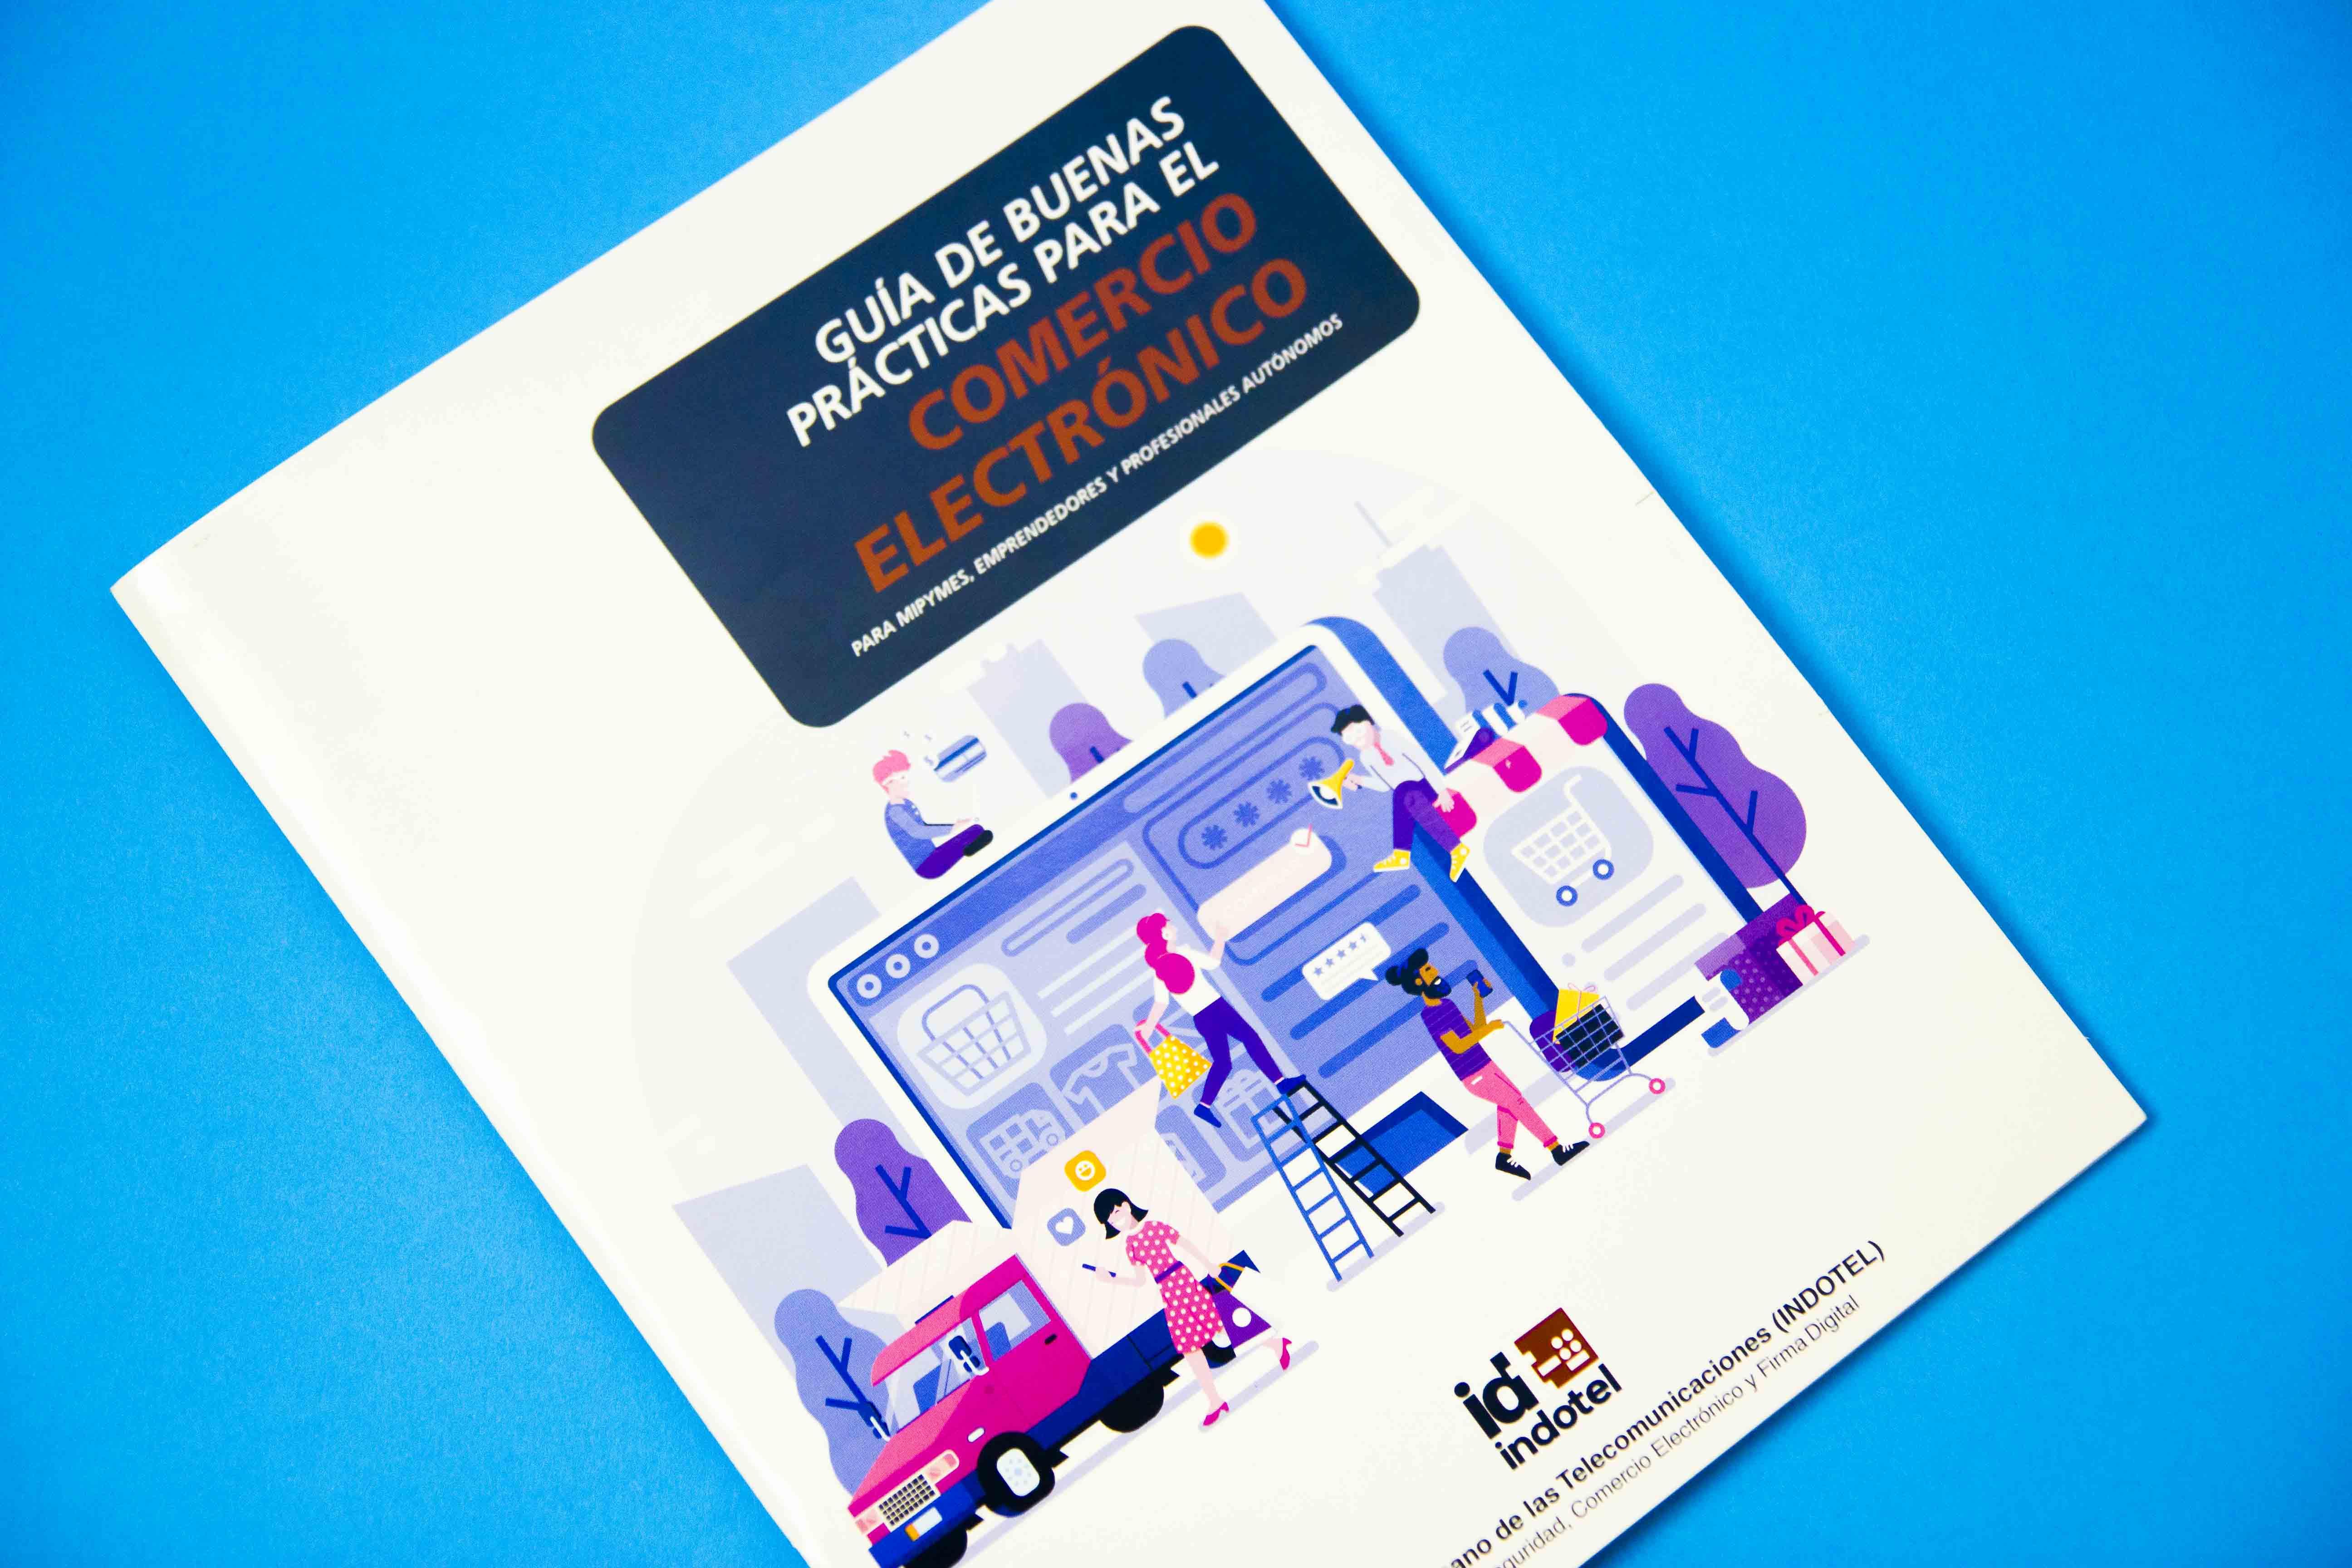 """Indotel Lanzó su """"Guia de Buenas Prácticas para e-commerce"""" ¿Qué puedes esperar?"""